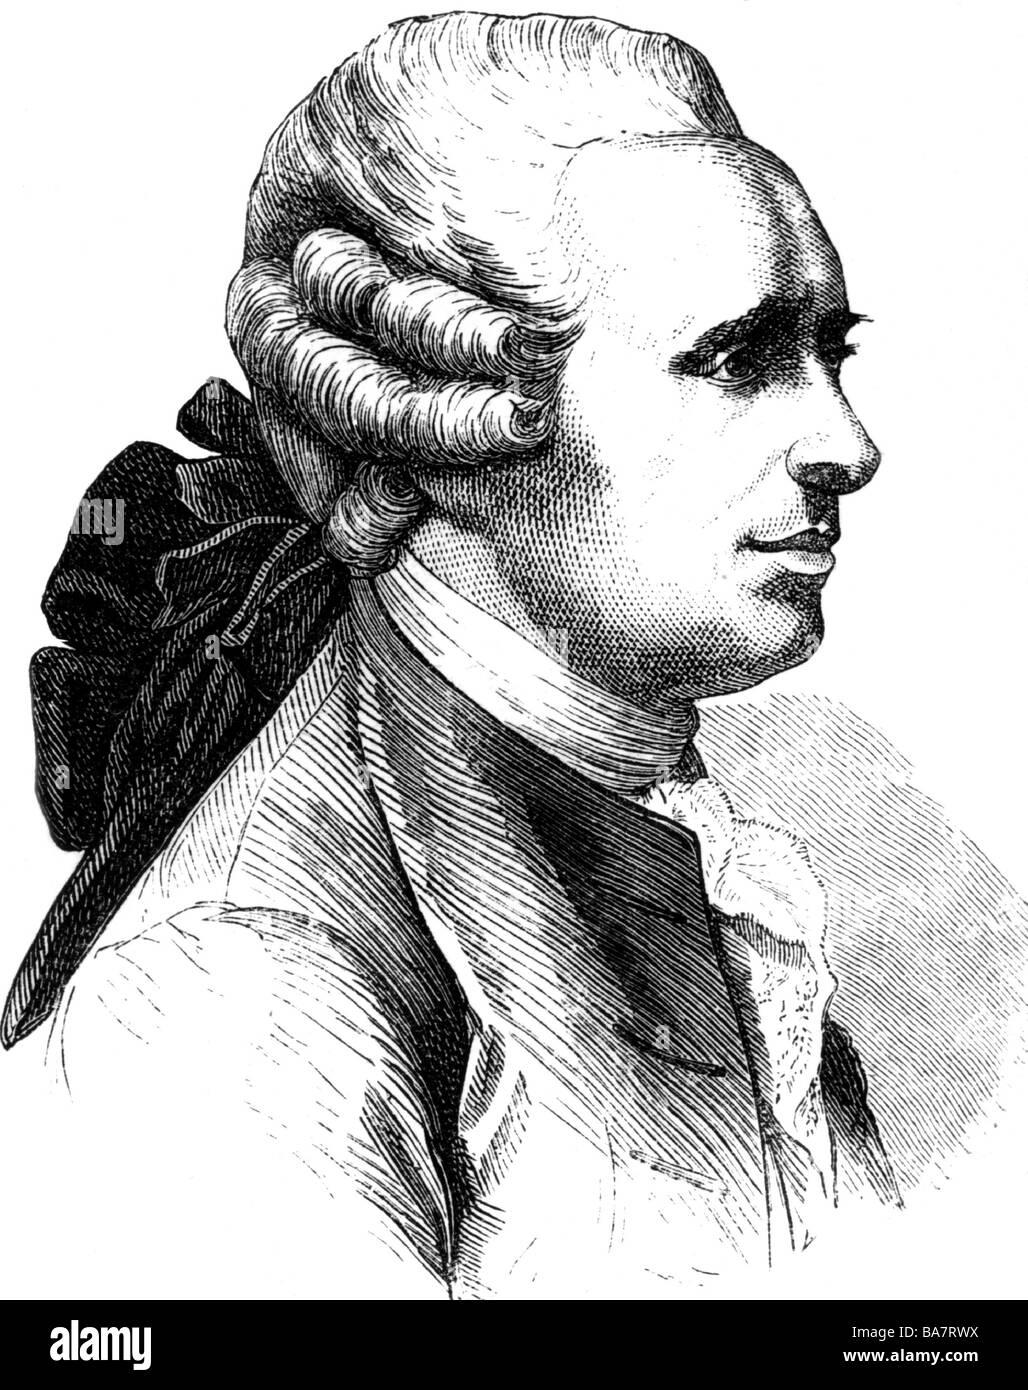 Alembert, Jean Le Rond d', 16.11.1717 - 19.10.1783, scientifique français (mathématicien, physicien, Photo Stock